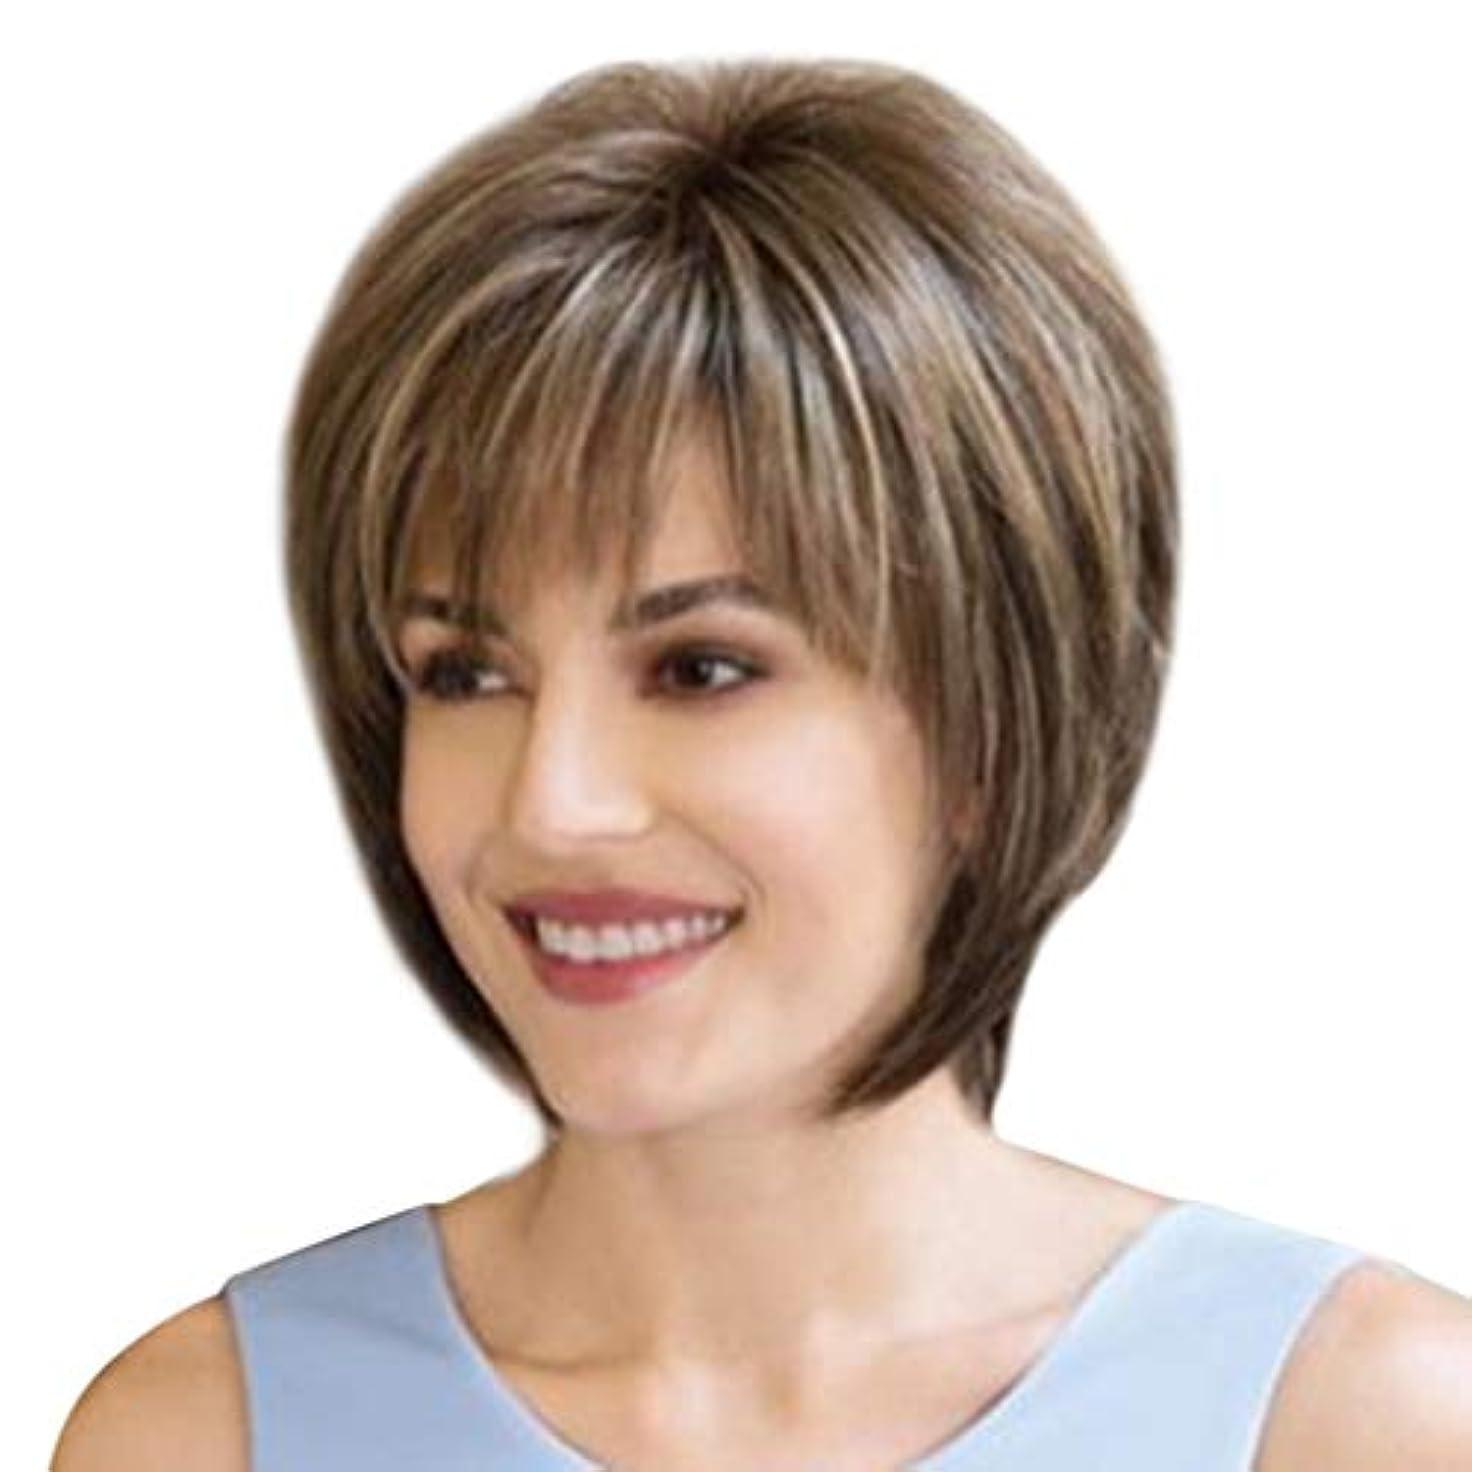 遷移失業つまらないCinhent 8インチファッション合成ストレートショートレディースウィッグふわふわ染色天然のリアルな髪の毛のかつら女性のファイバー